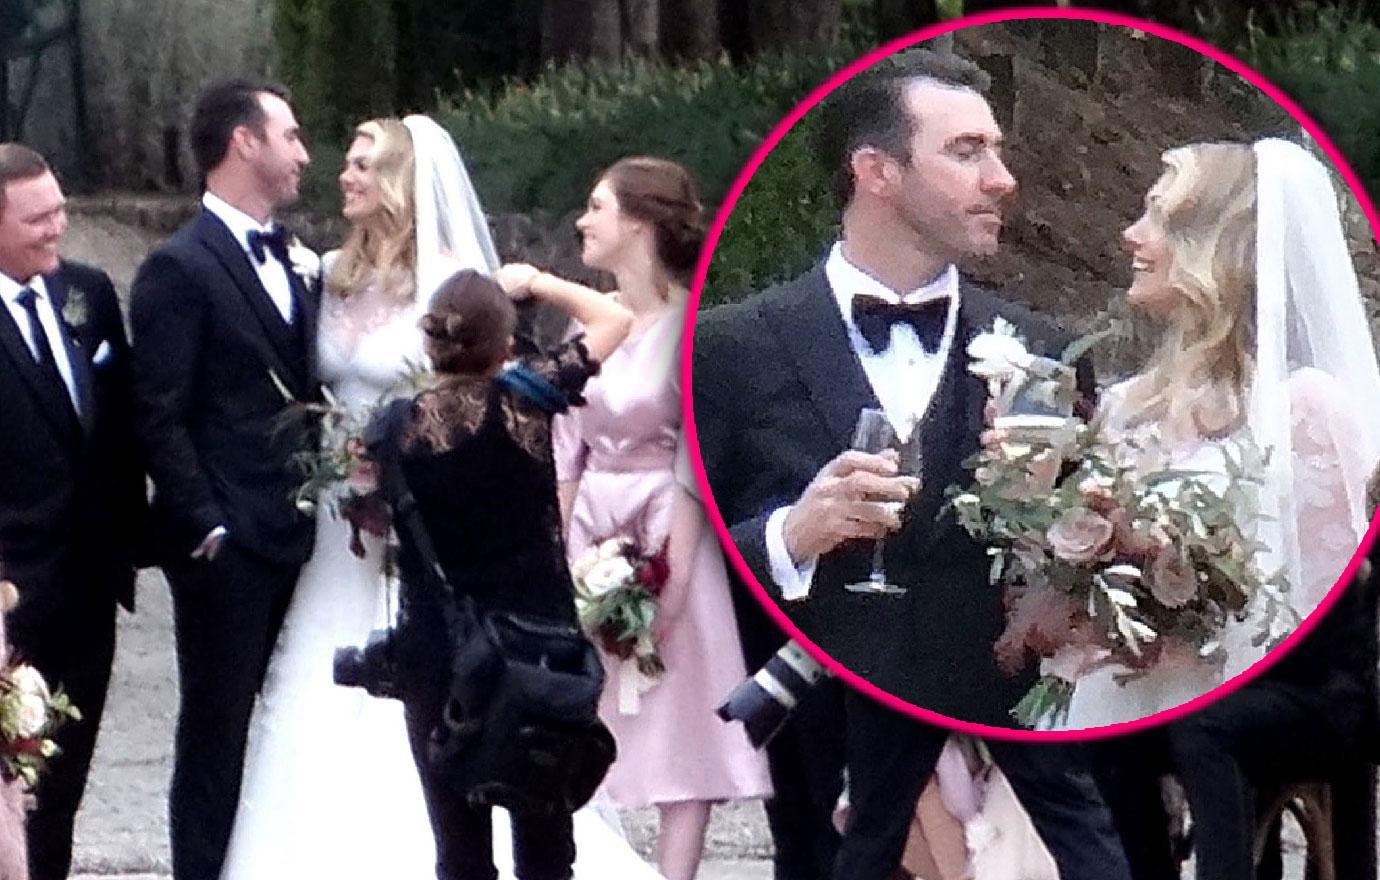 Justin Verlander Marries Kate Upton In Italy